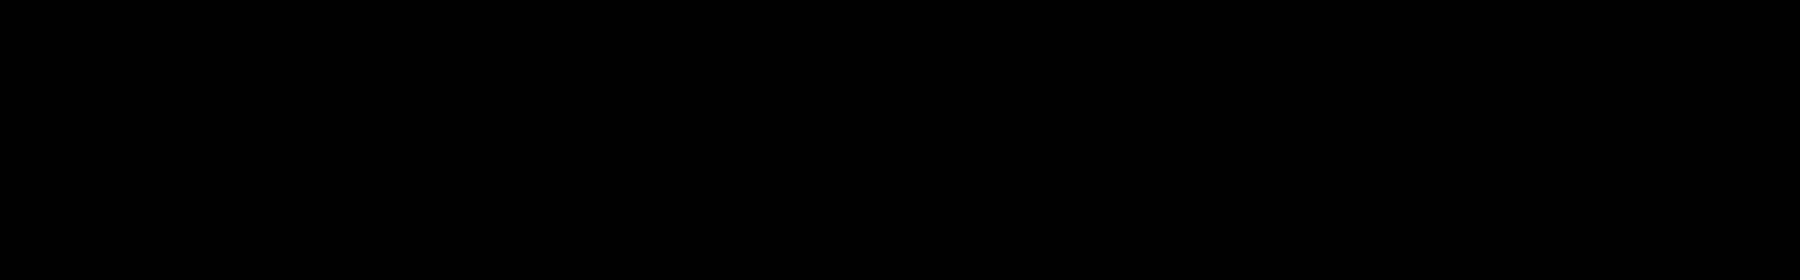 Diablo House Elements audio waveform